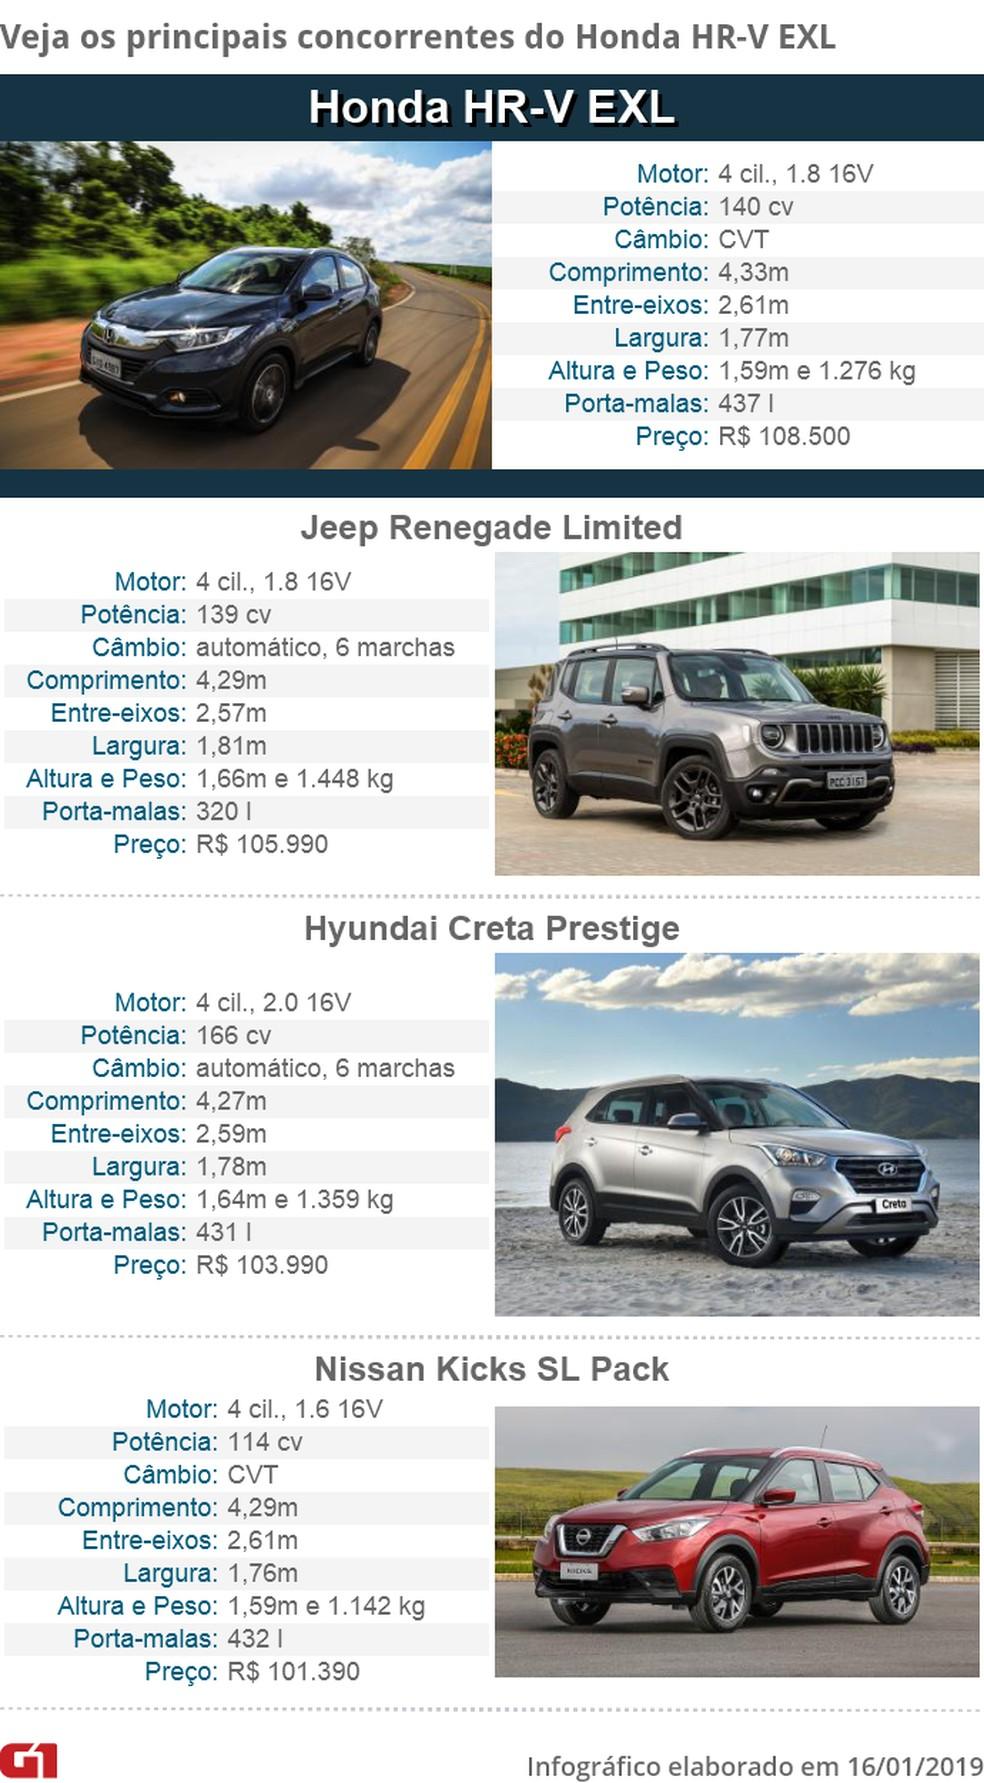 Tabela de concorrentes do Honda HR-V — Foto: Divulgação